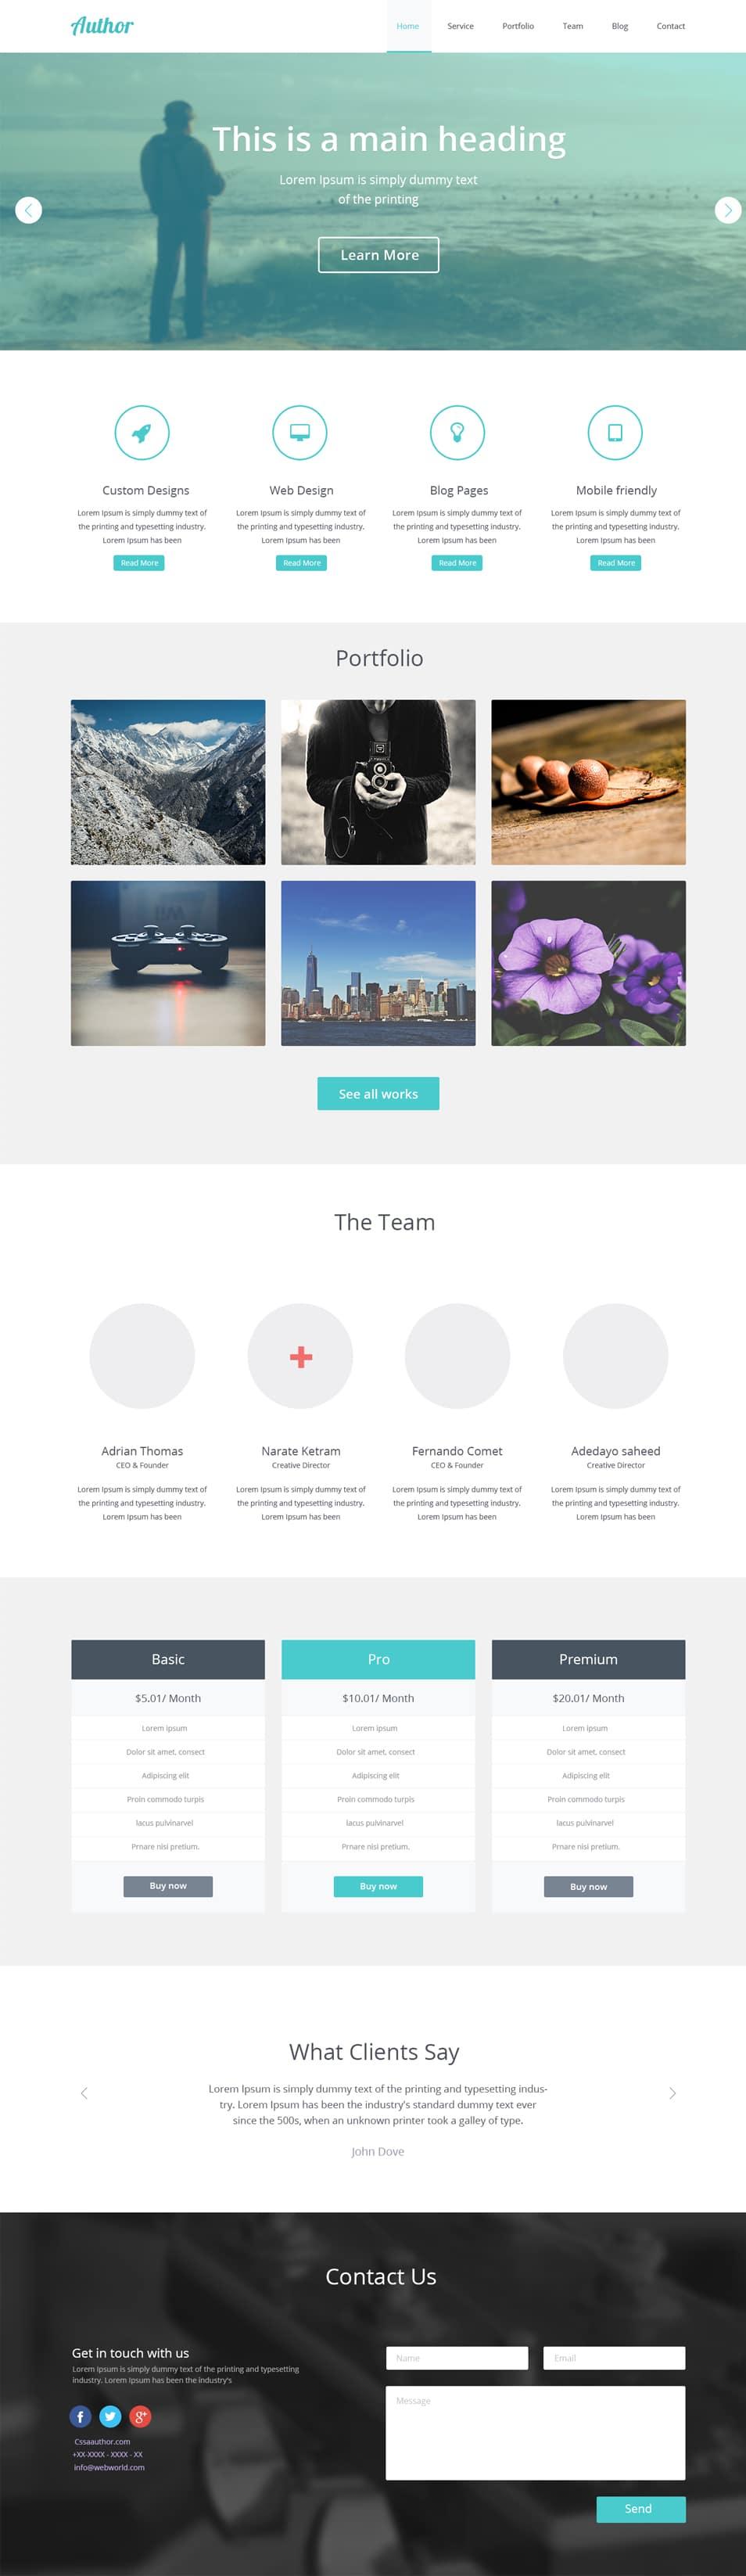 Agency Website Template PSD_Home Page_cssauthor.com